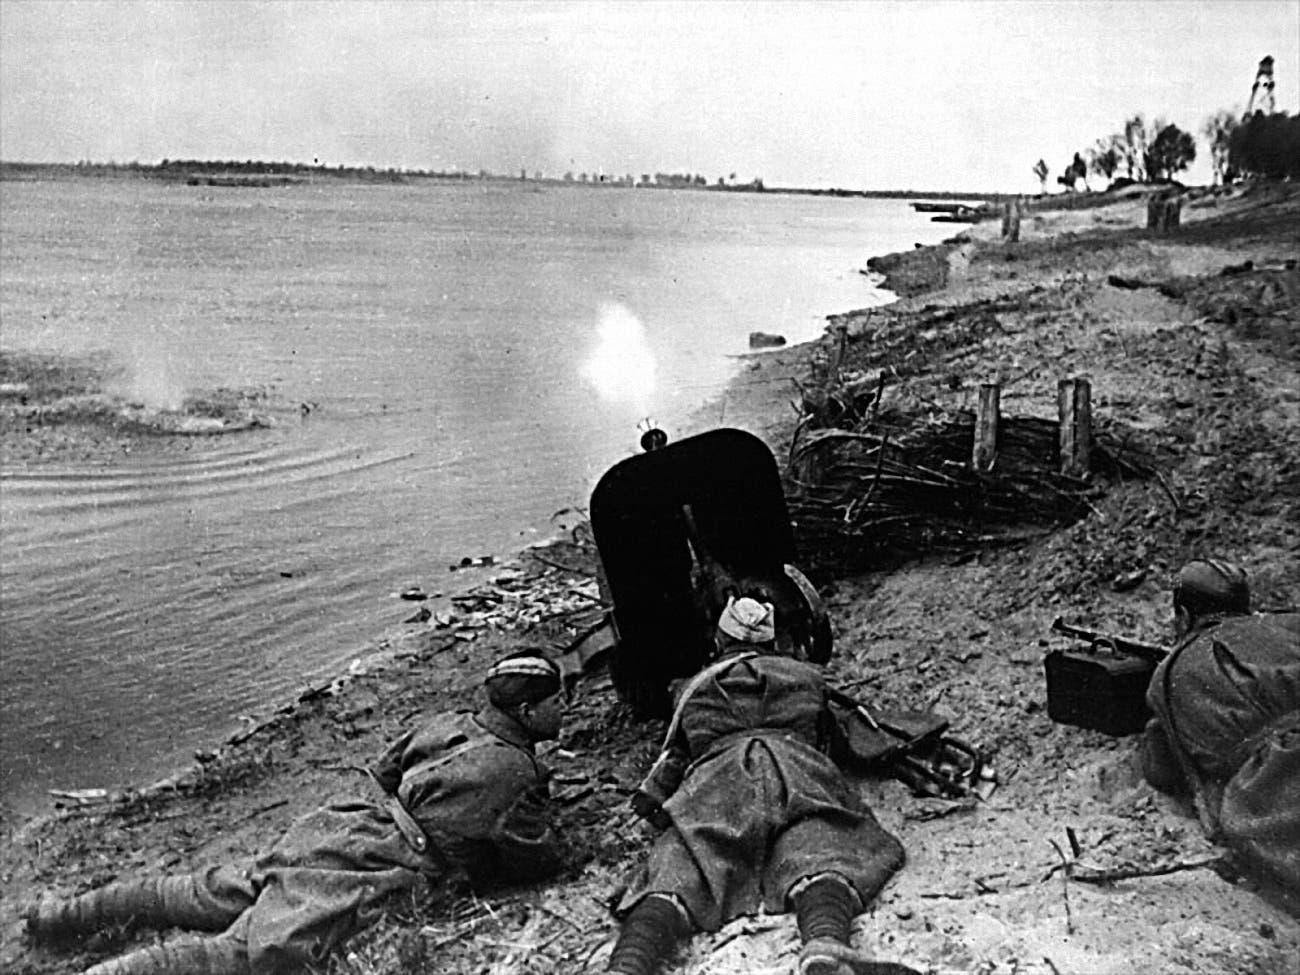 جنود سوفيت أثناء المواجهات عند نهر دنيبر